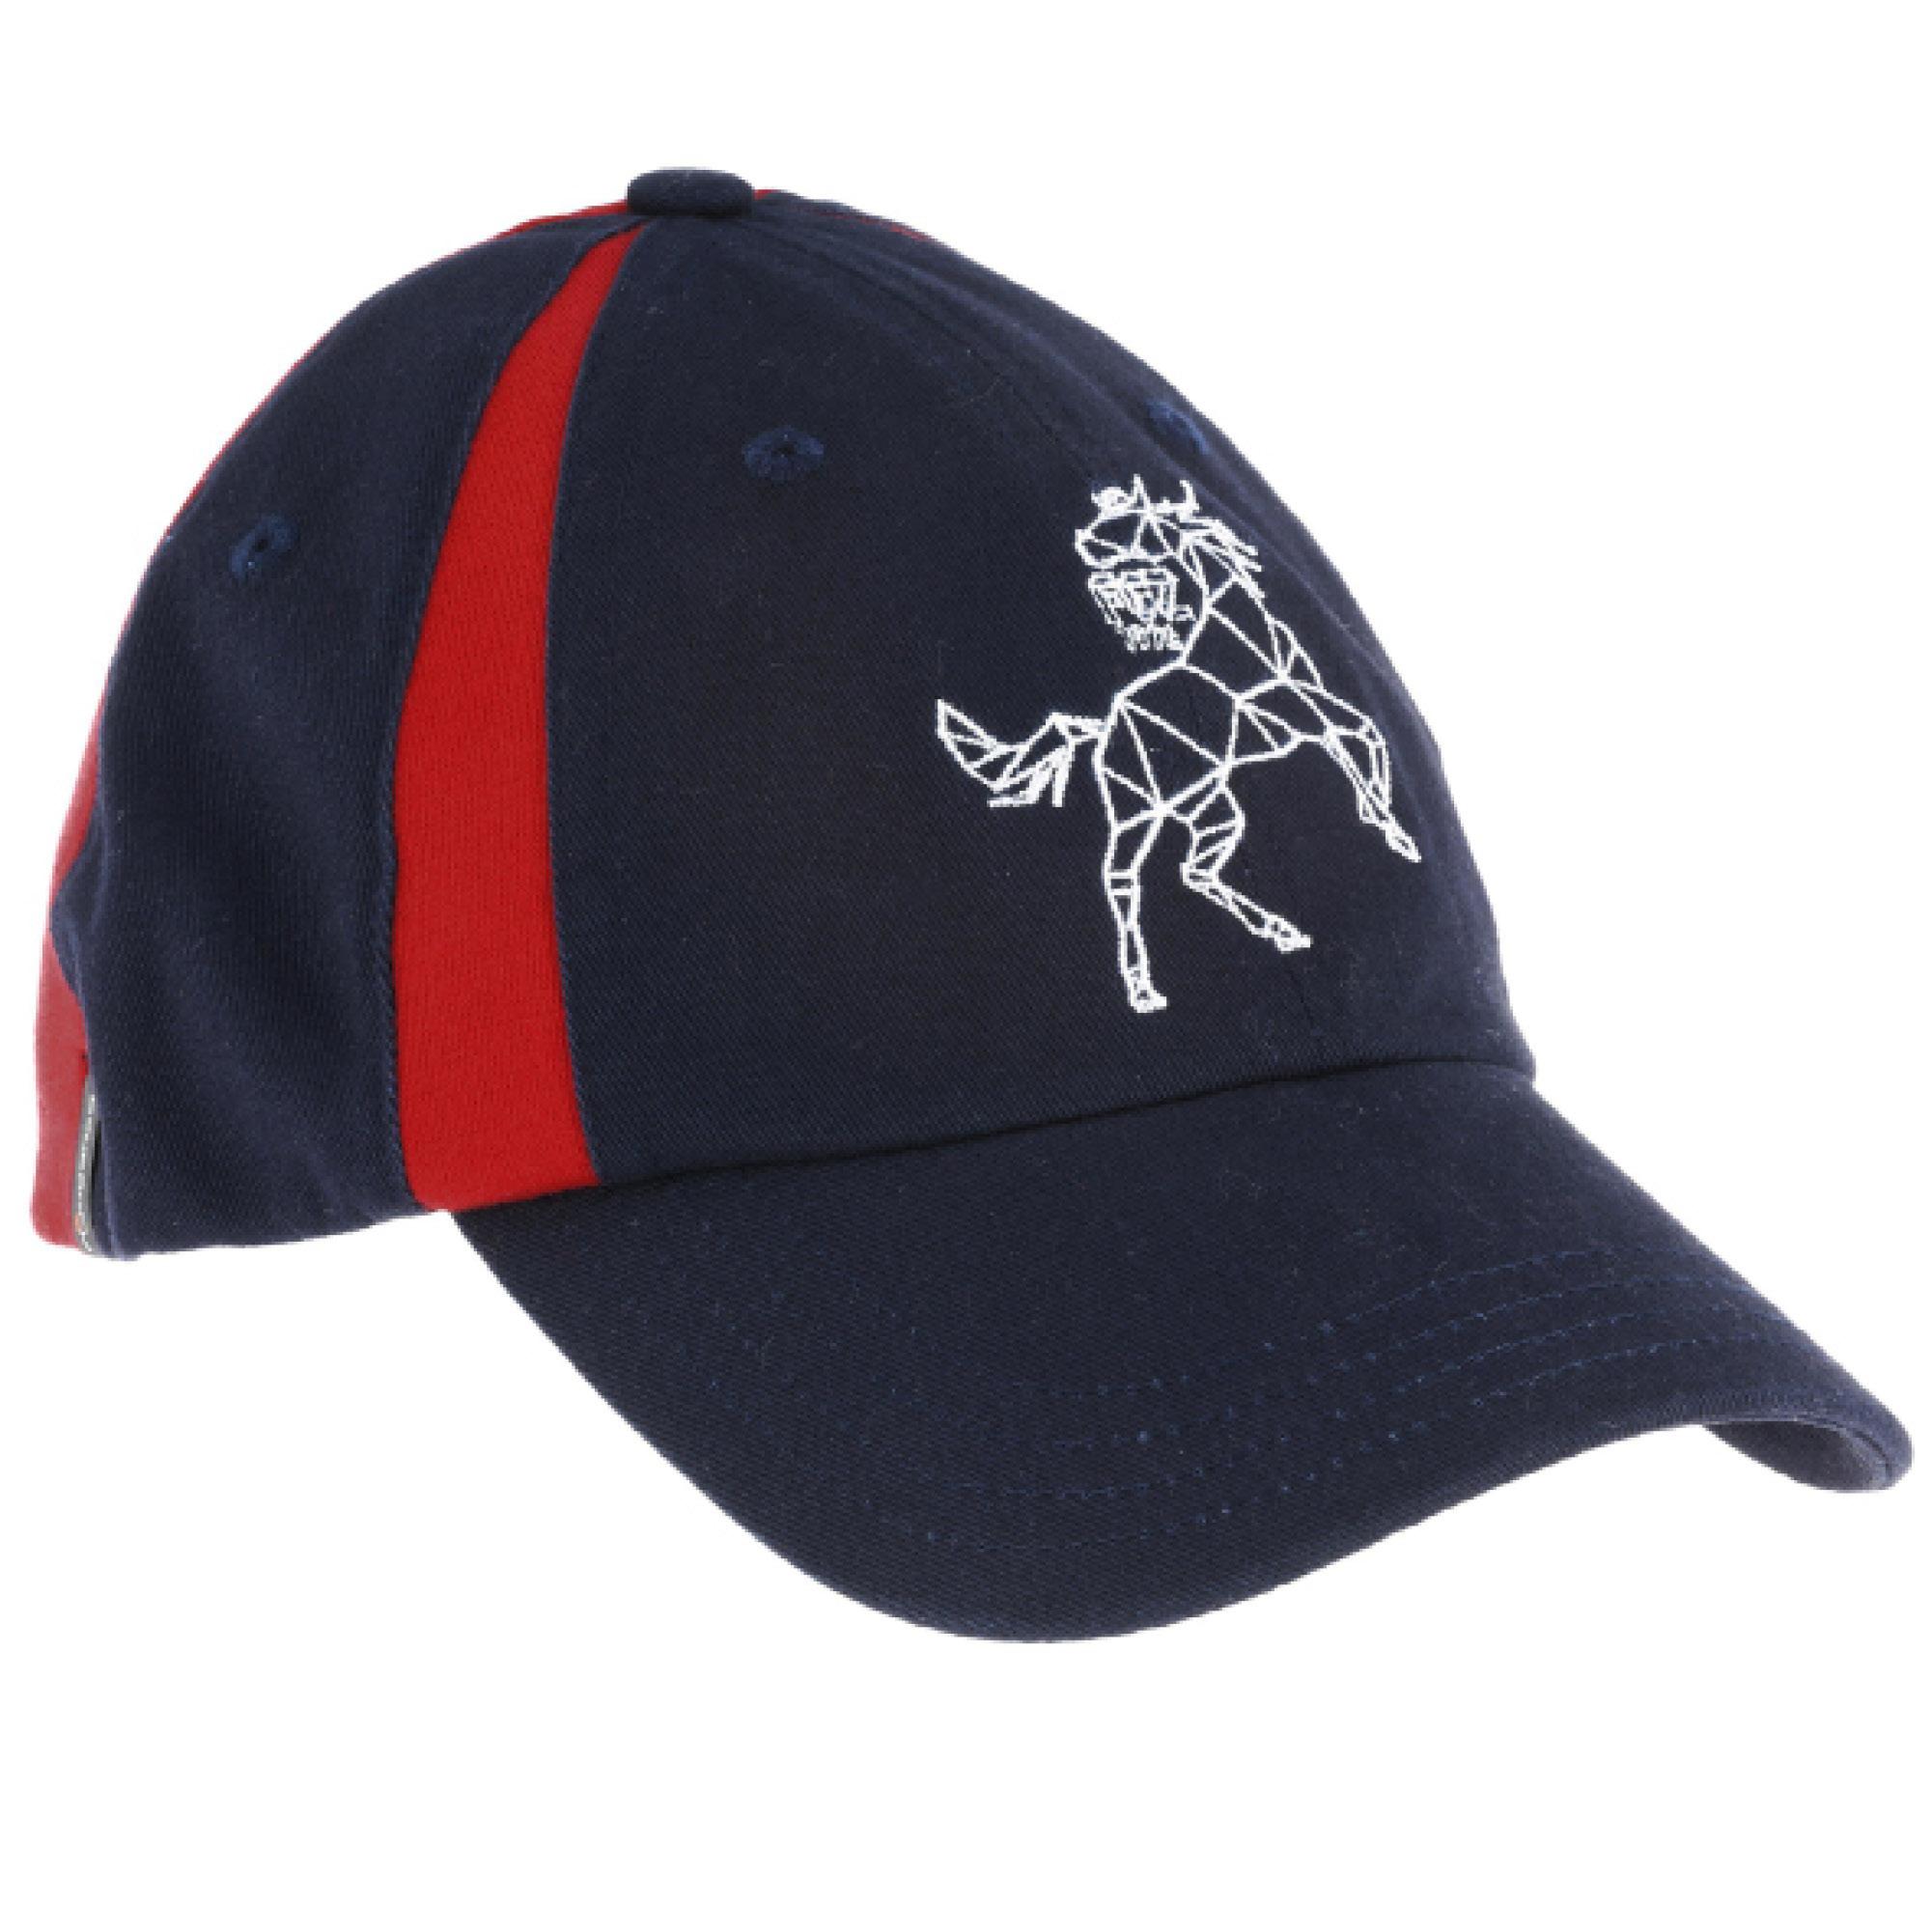 Comprar Gorras y Sombreros de Equitación online  be1507bcc84